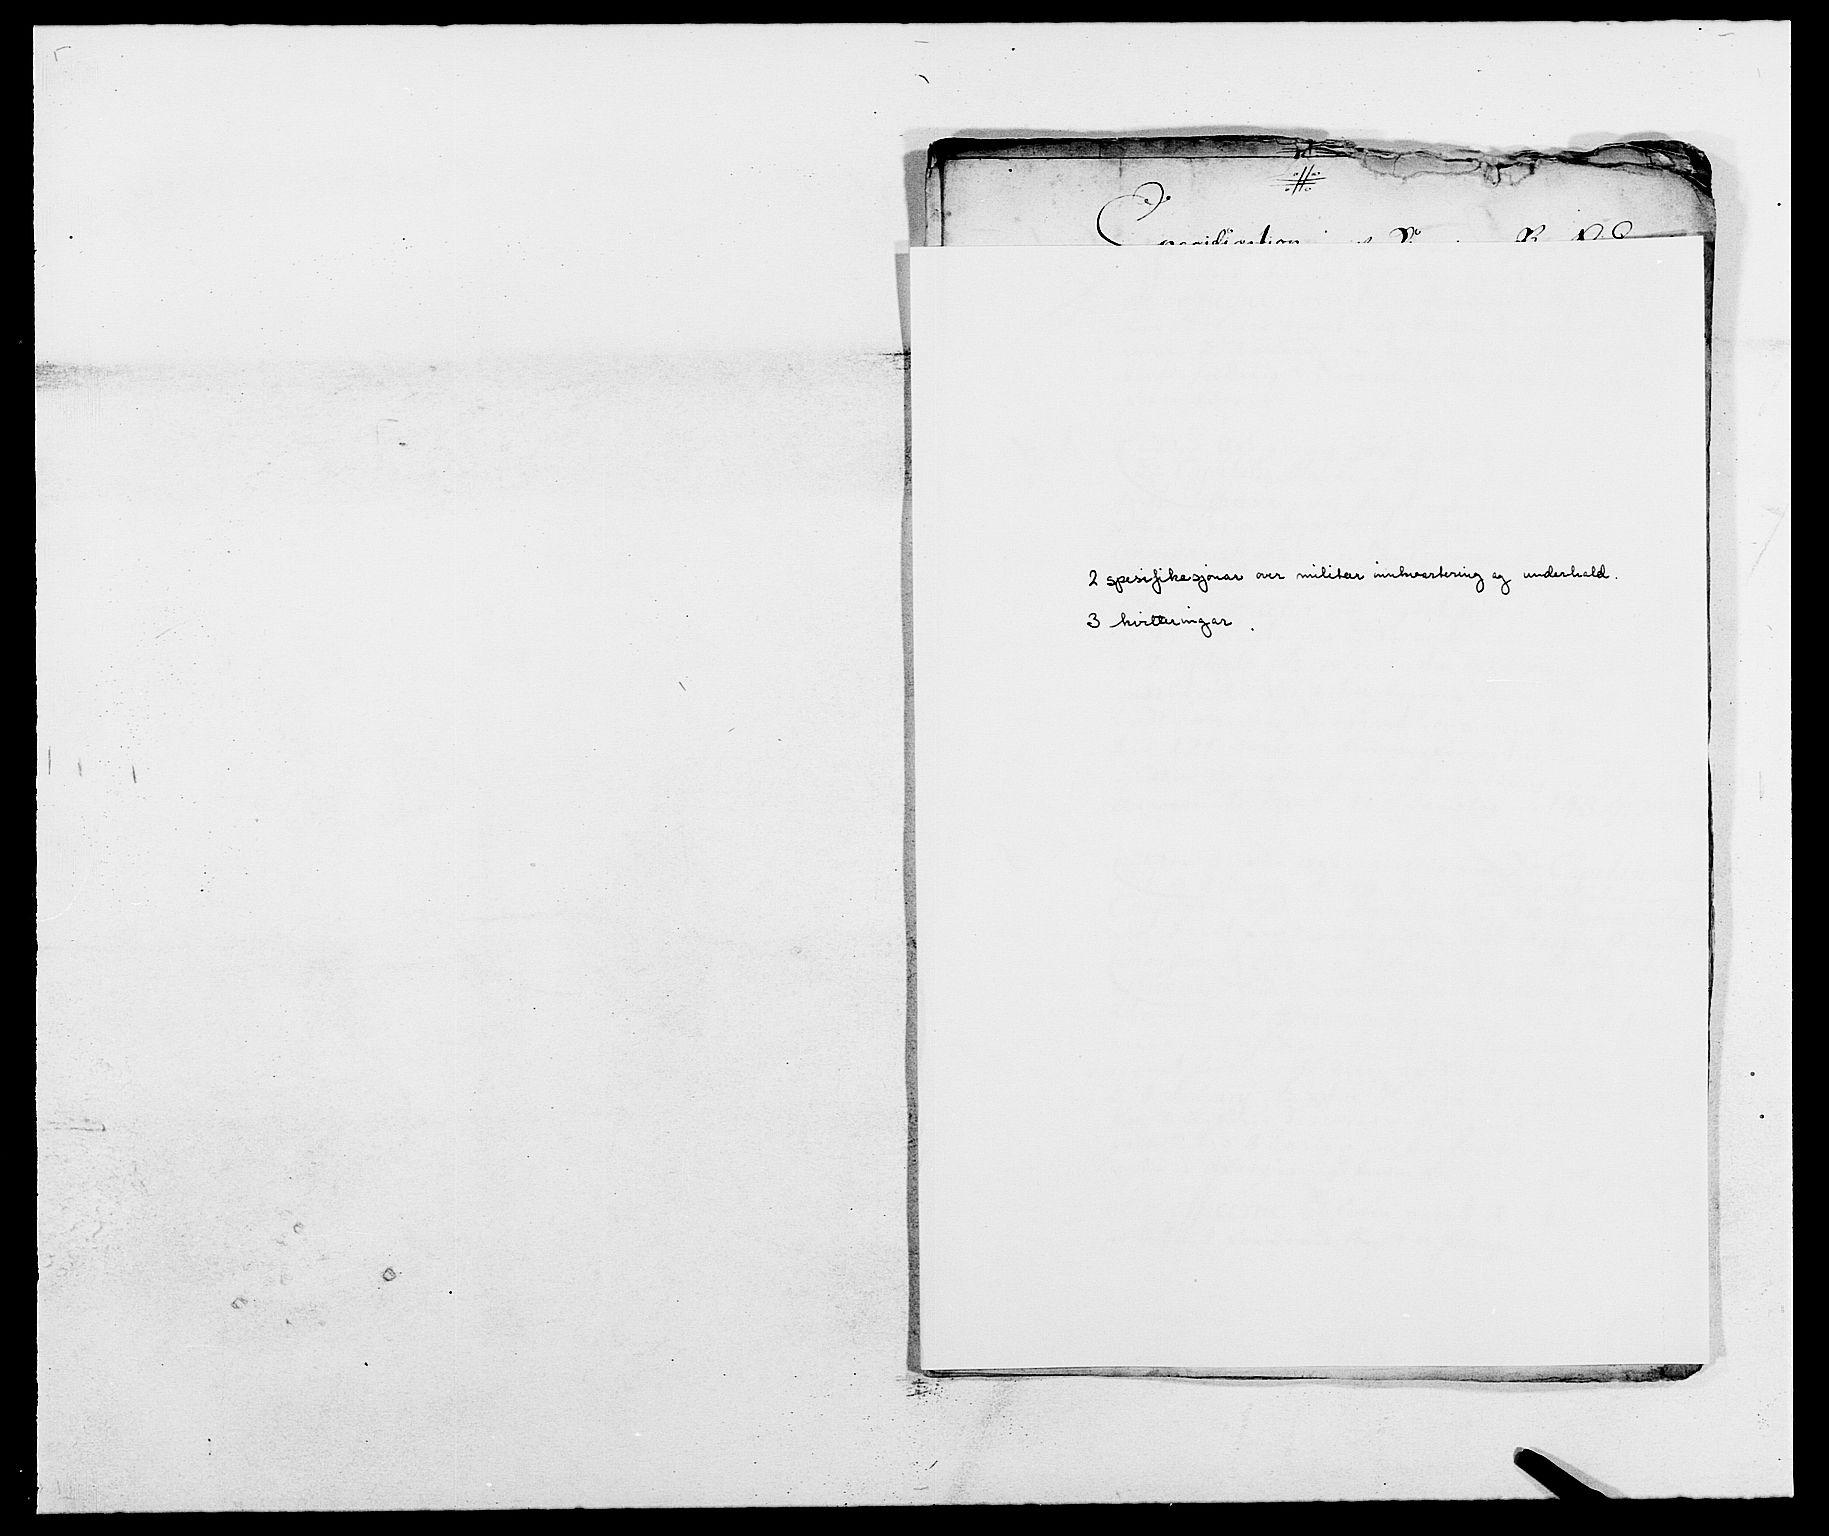 RA, Rentekammeret inntil 1814, Reviderte regnskaper, Fogderegnskap, R11/L0567: Fogderegnskap Nedre Romerike, 1678, s. 275